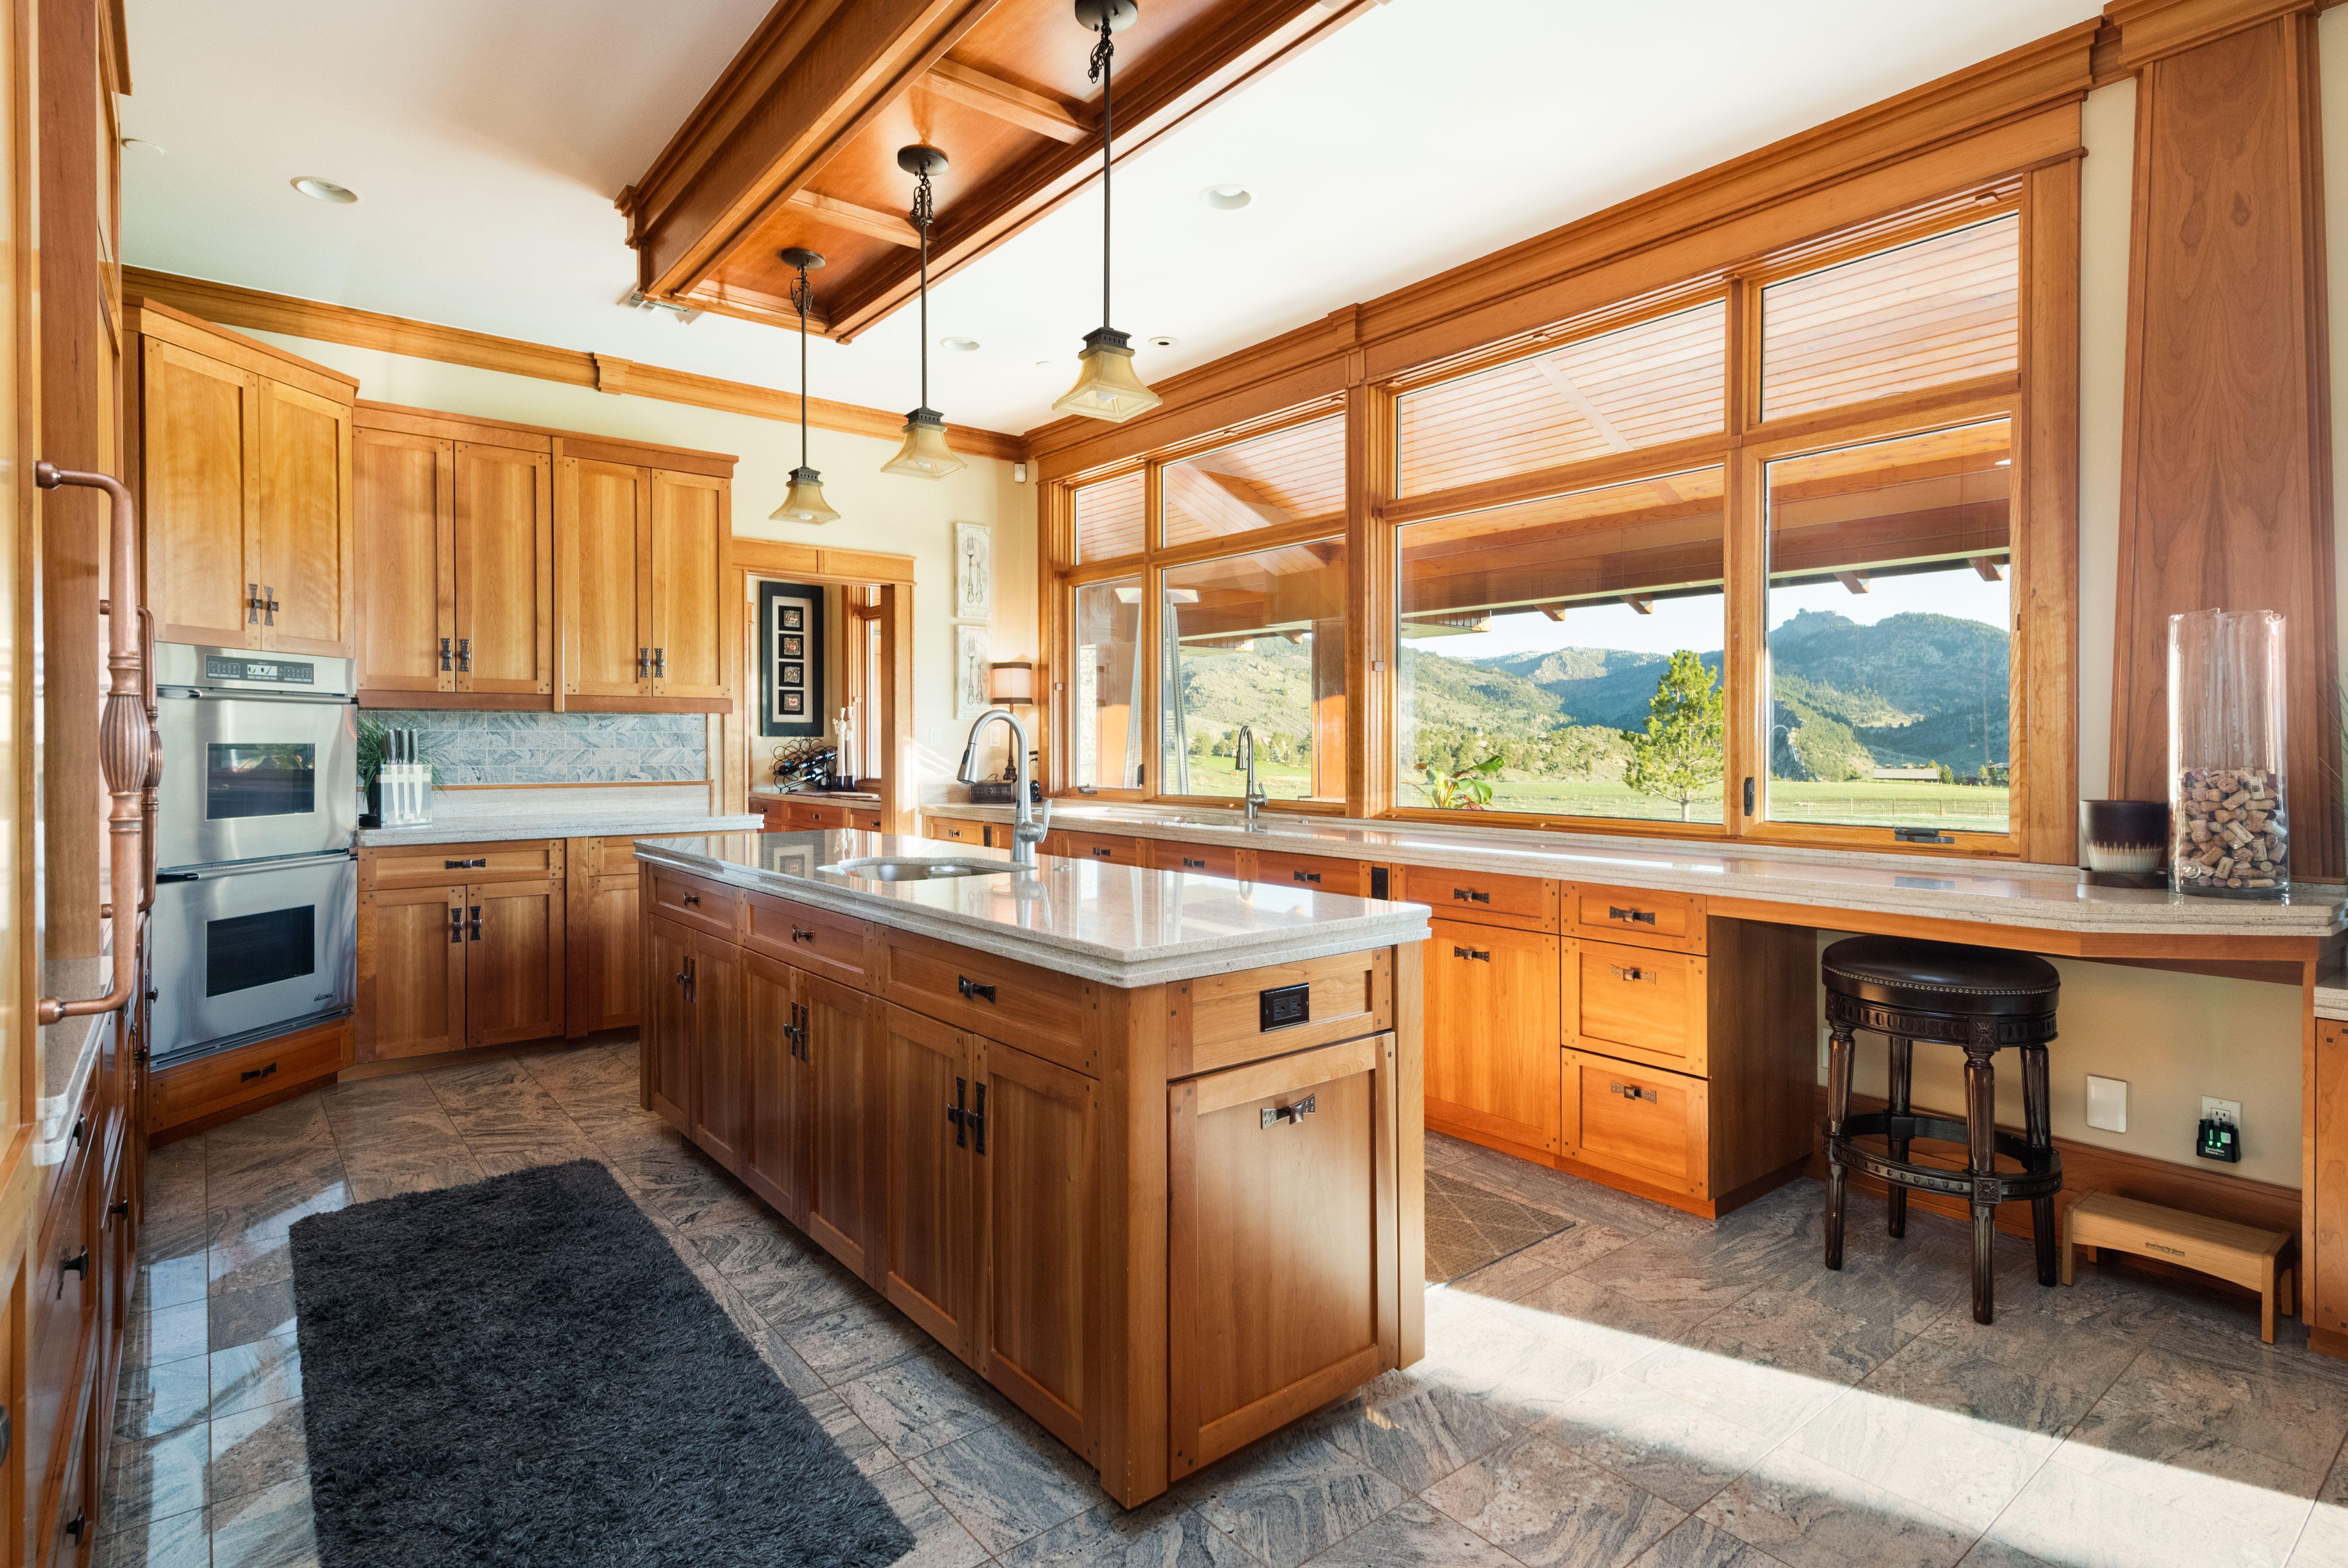 Colorado Mountain house on 35 acres asks $7M kitchen